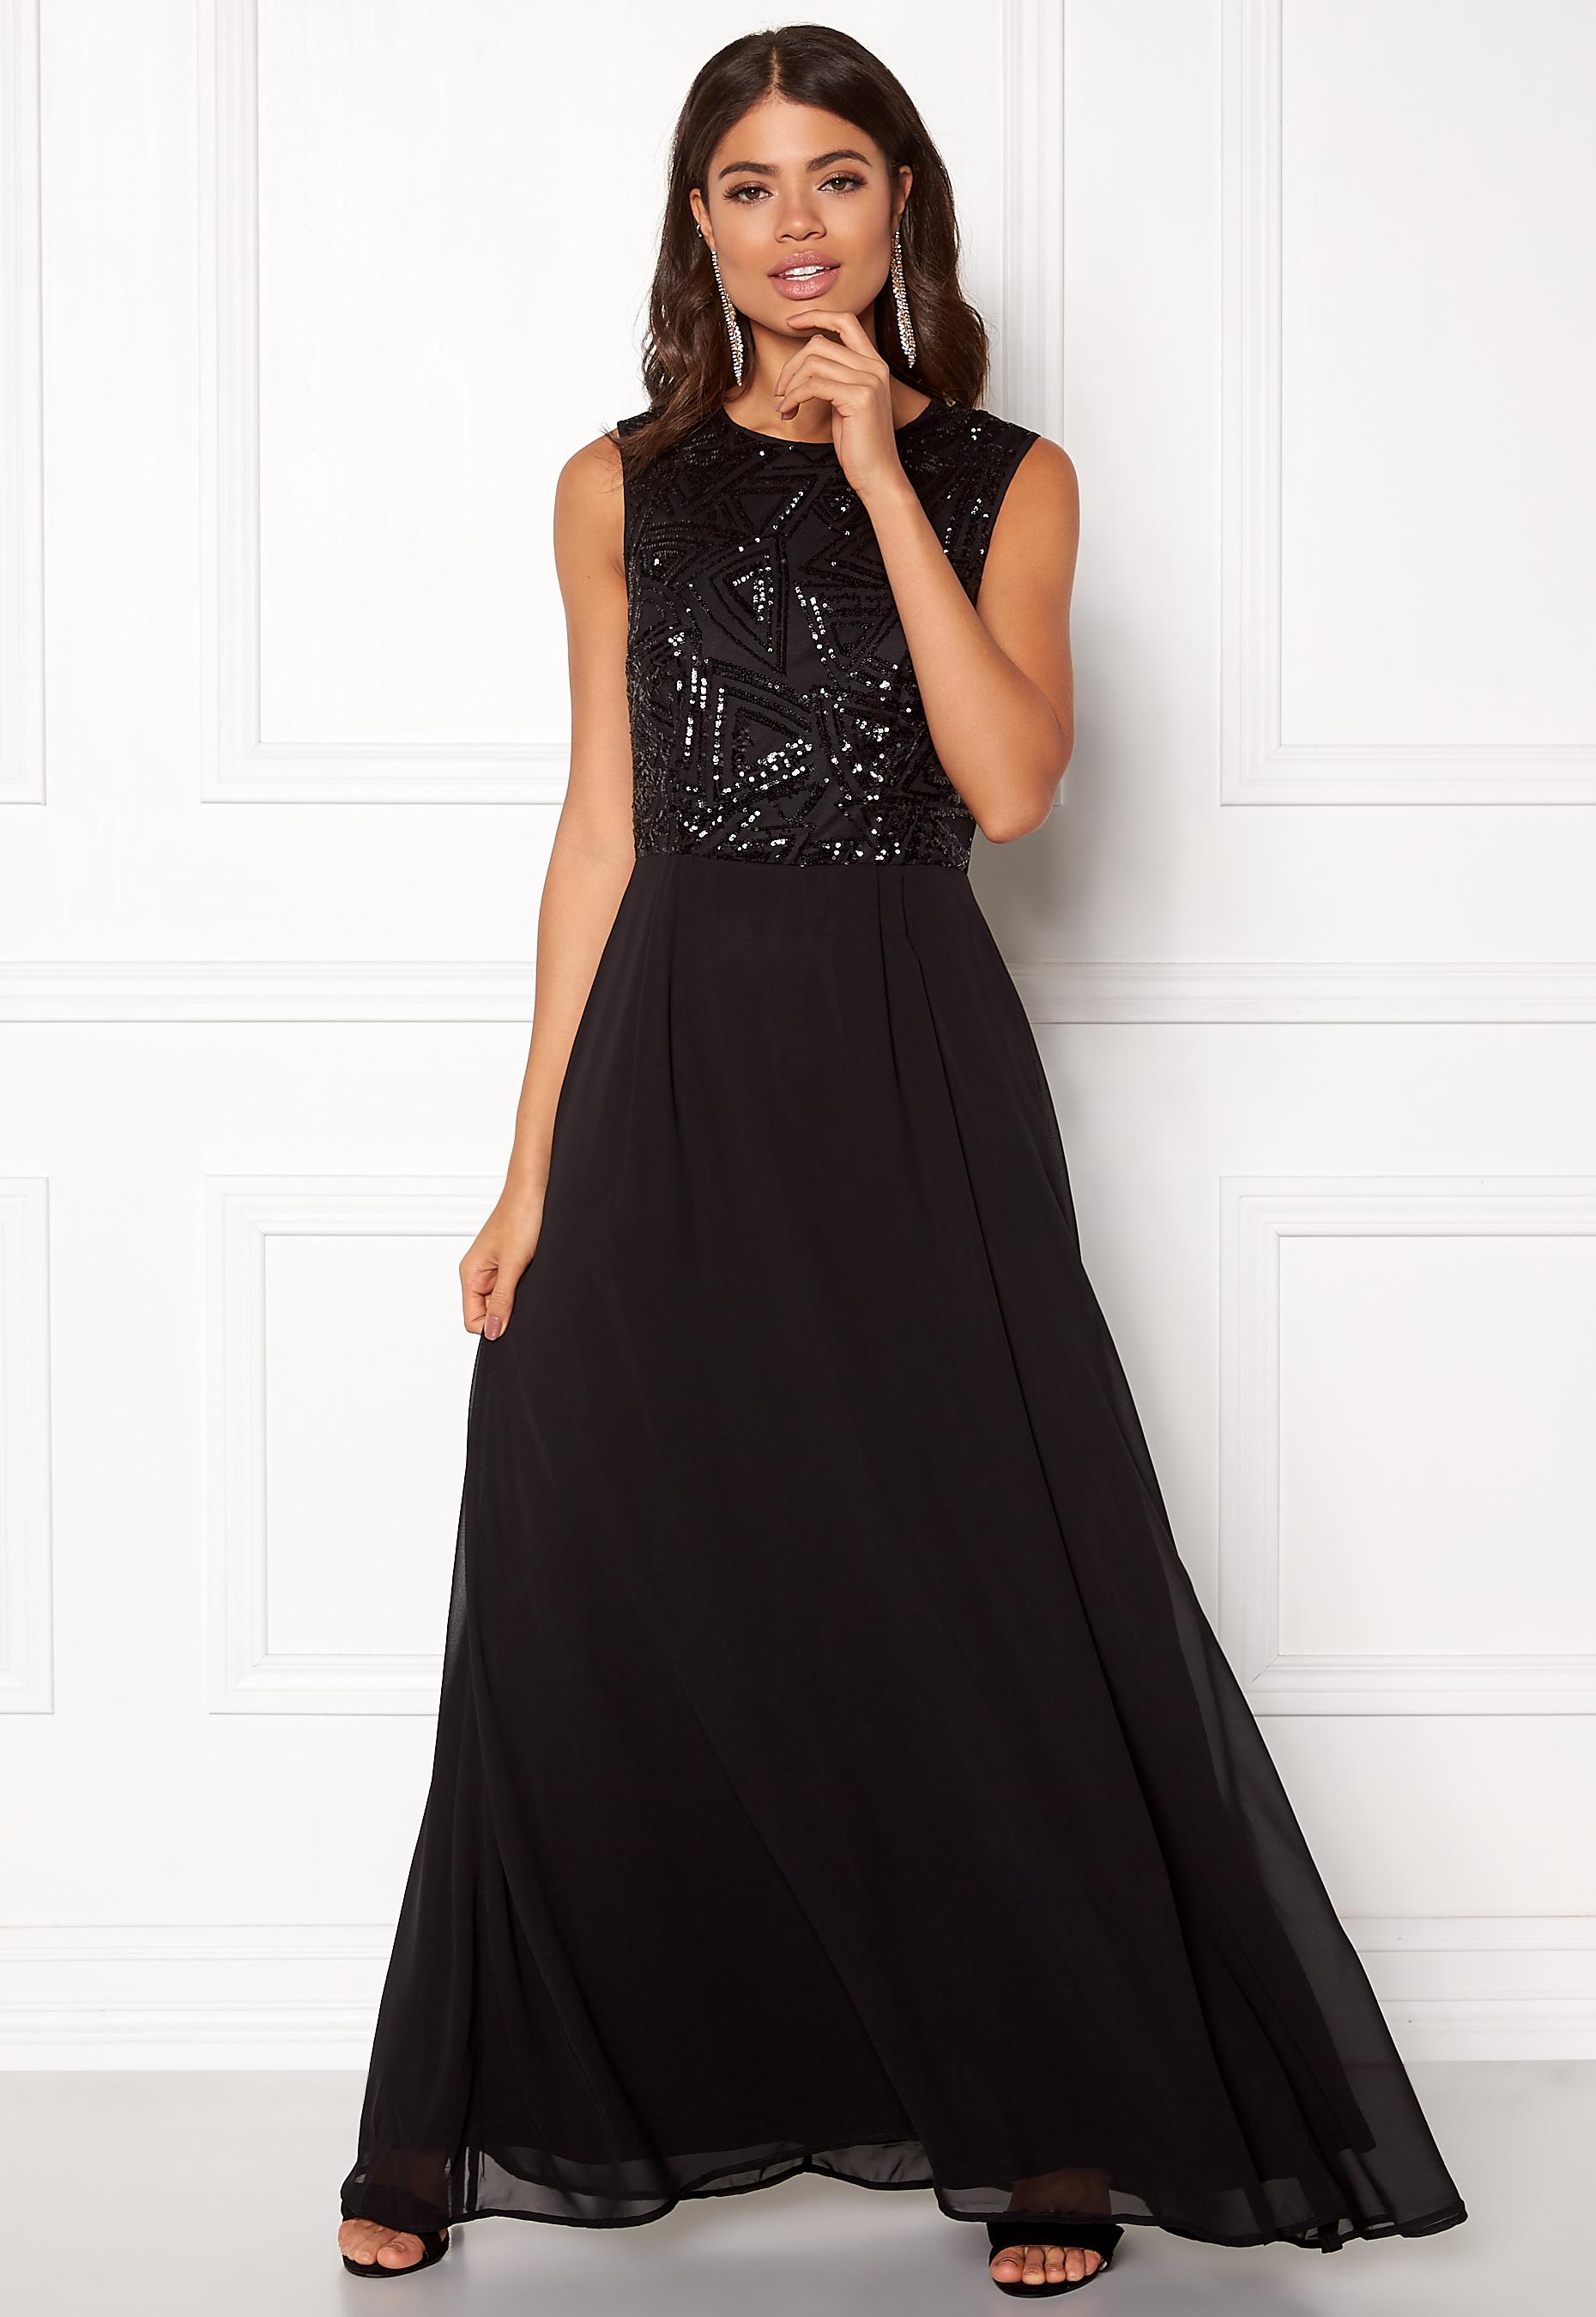 567326f820da AX Paris Sequin Chiffon Maxi Dress Black - Bubbleroom